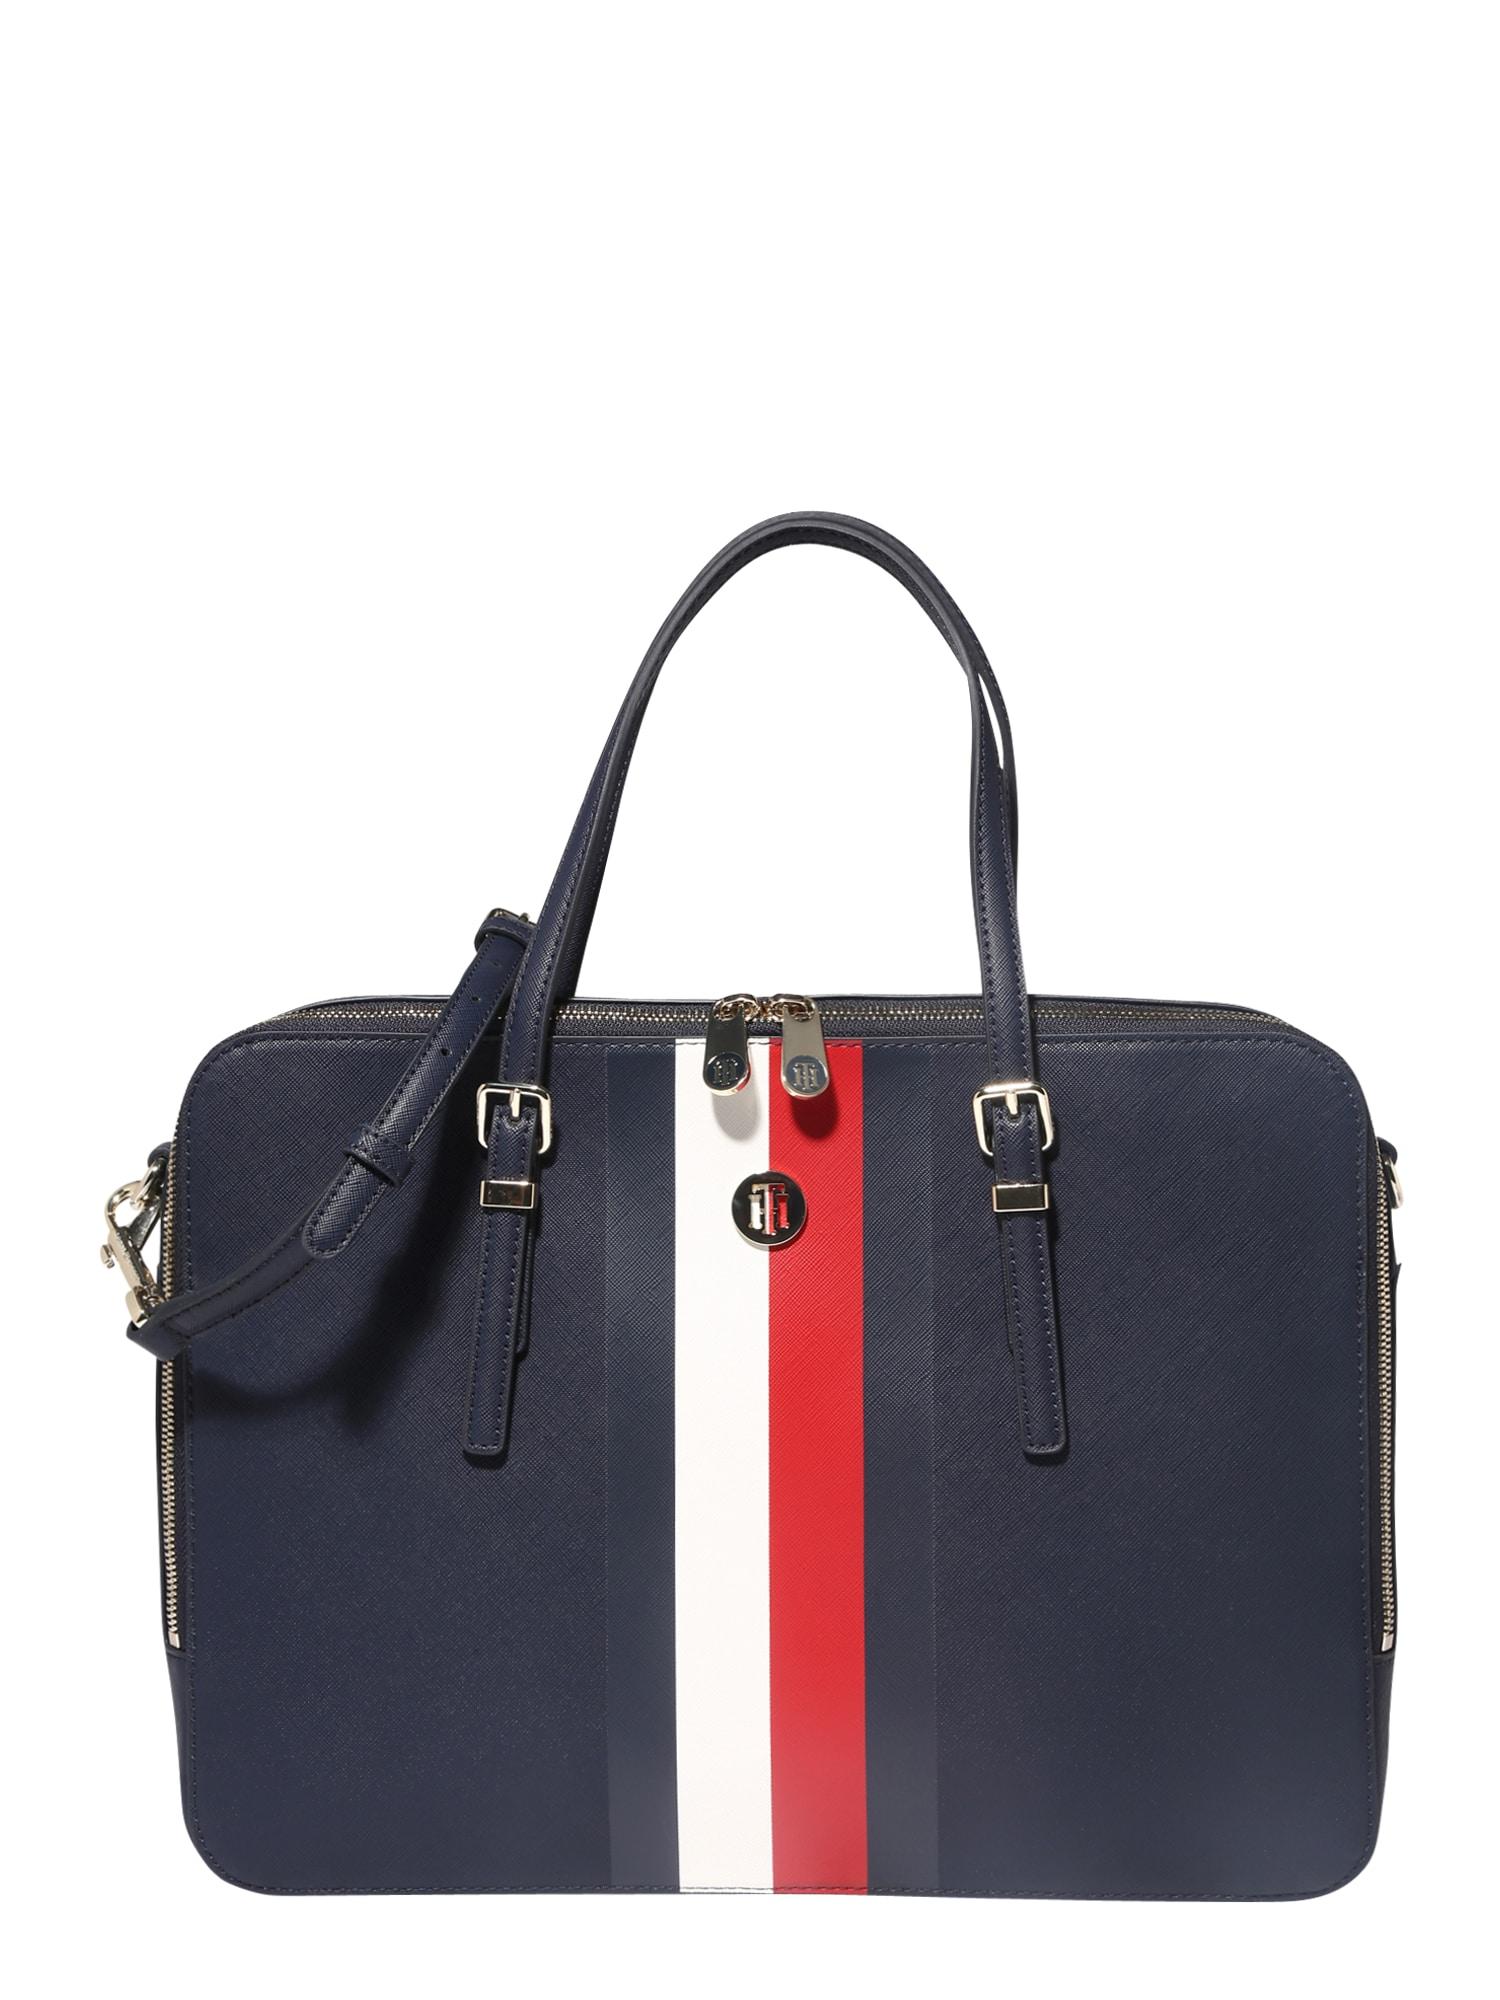 Taška na notebook HONEY COMPUTER BAG CORP modrá červená bílá TOMMY HILFIGER